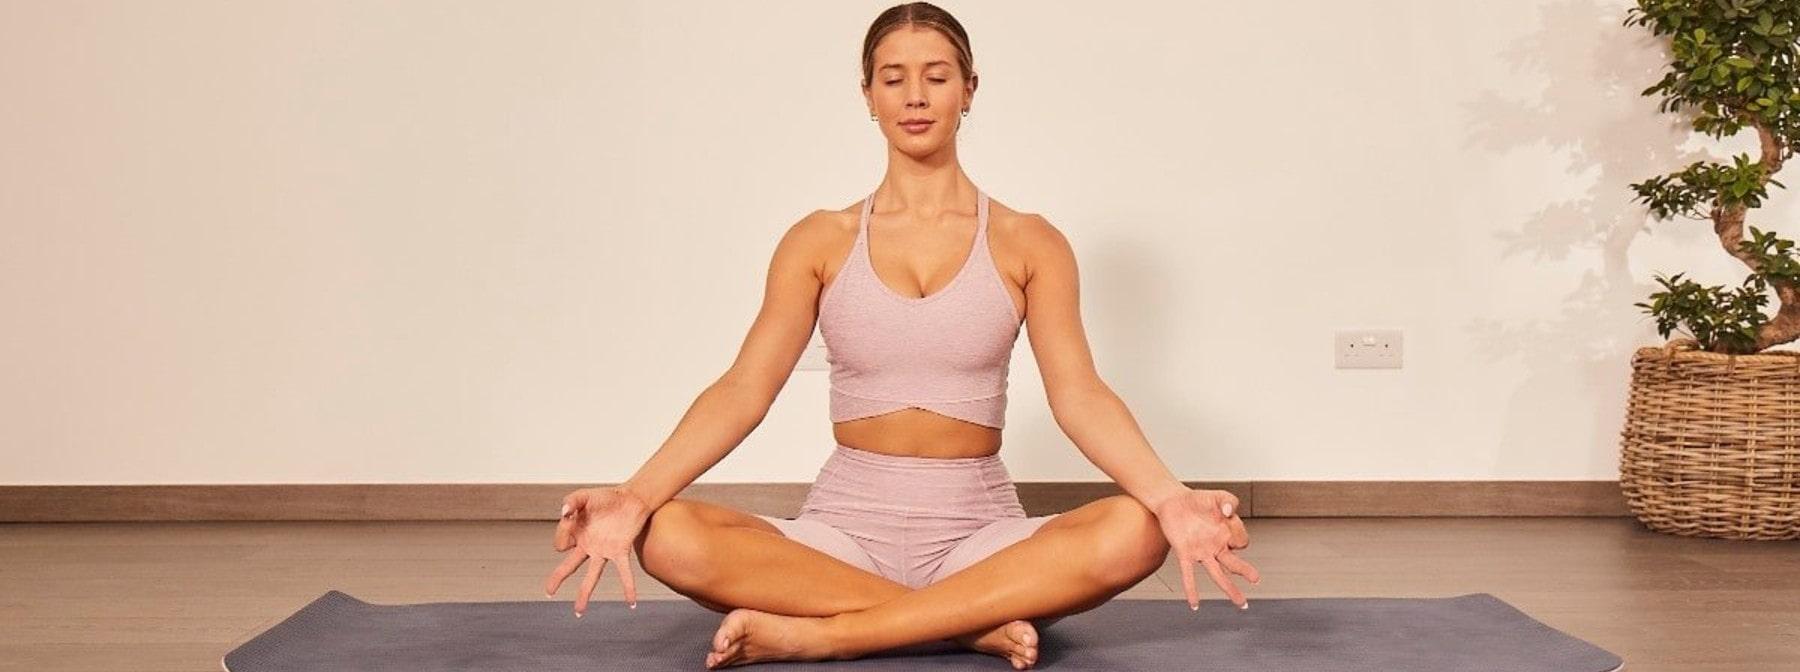 Wie du mit Meditation beginnst | 5 Schritte für Anfänger